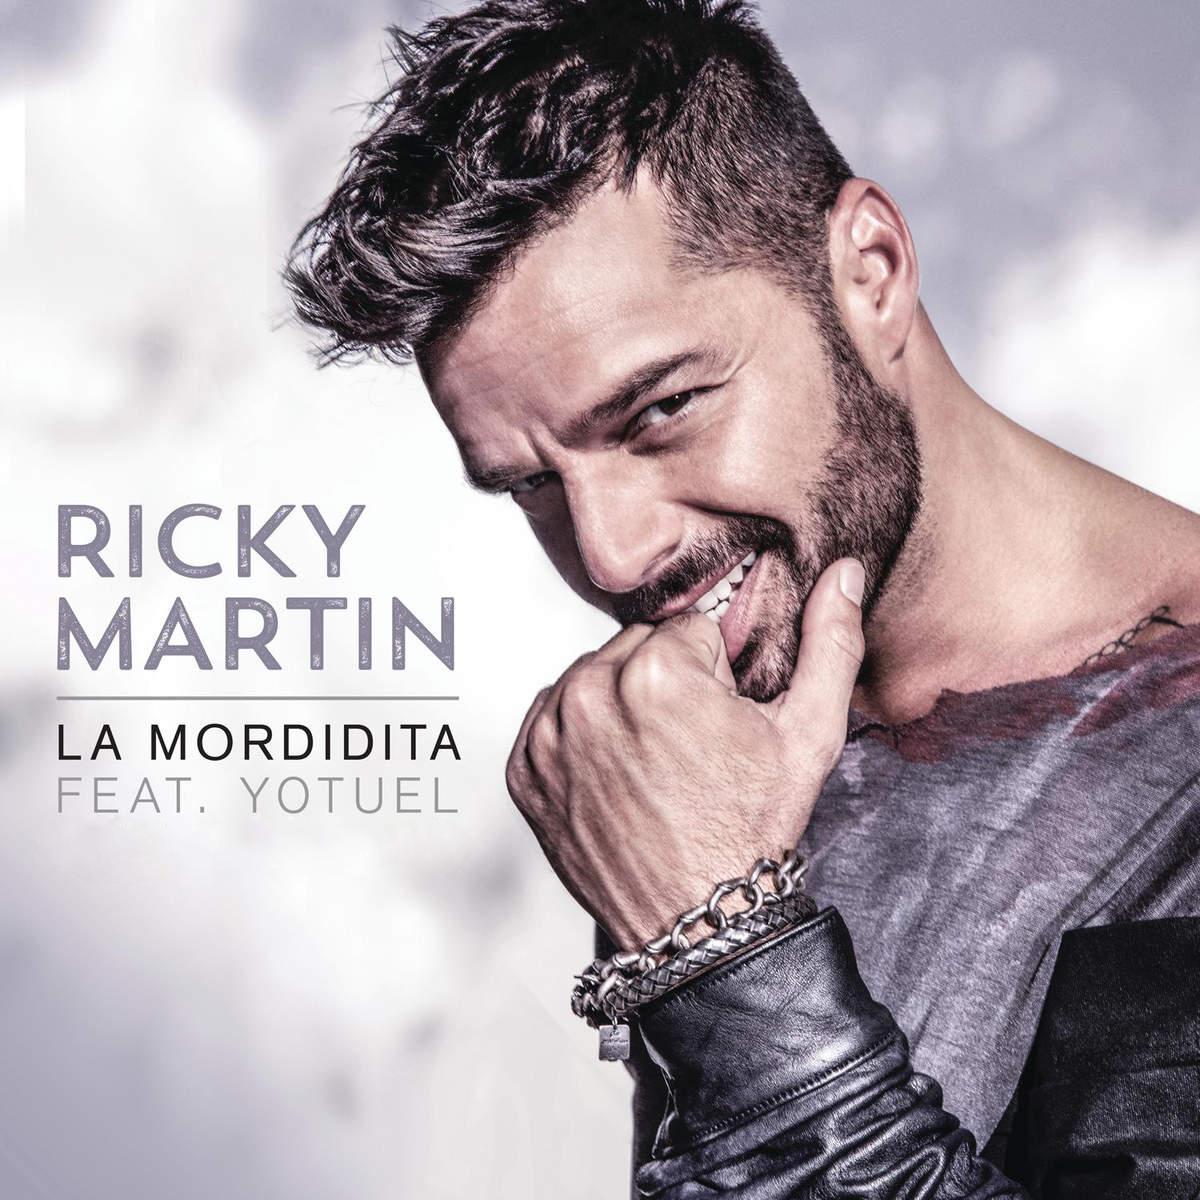 ¡Ricky Martin cancela concierto en Durango!